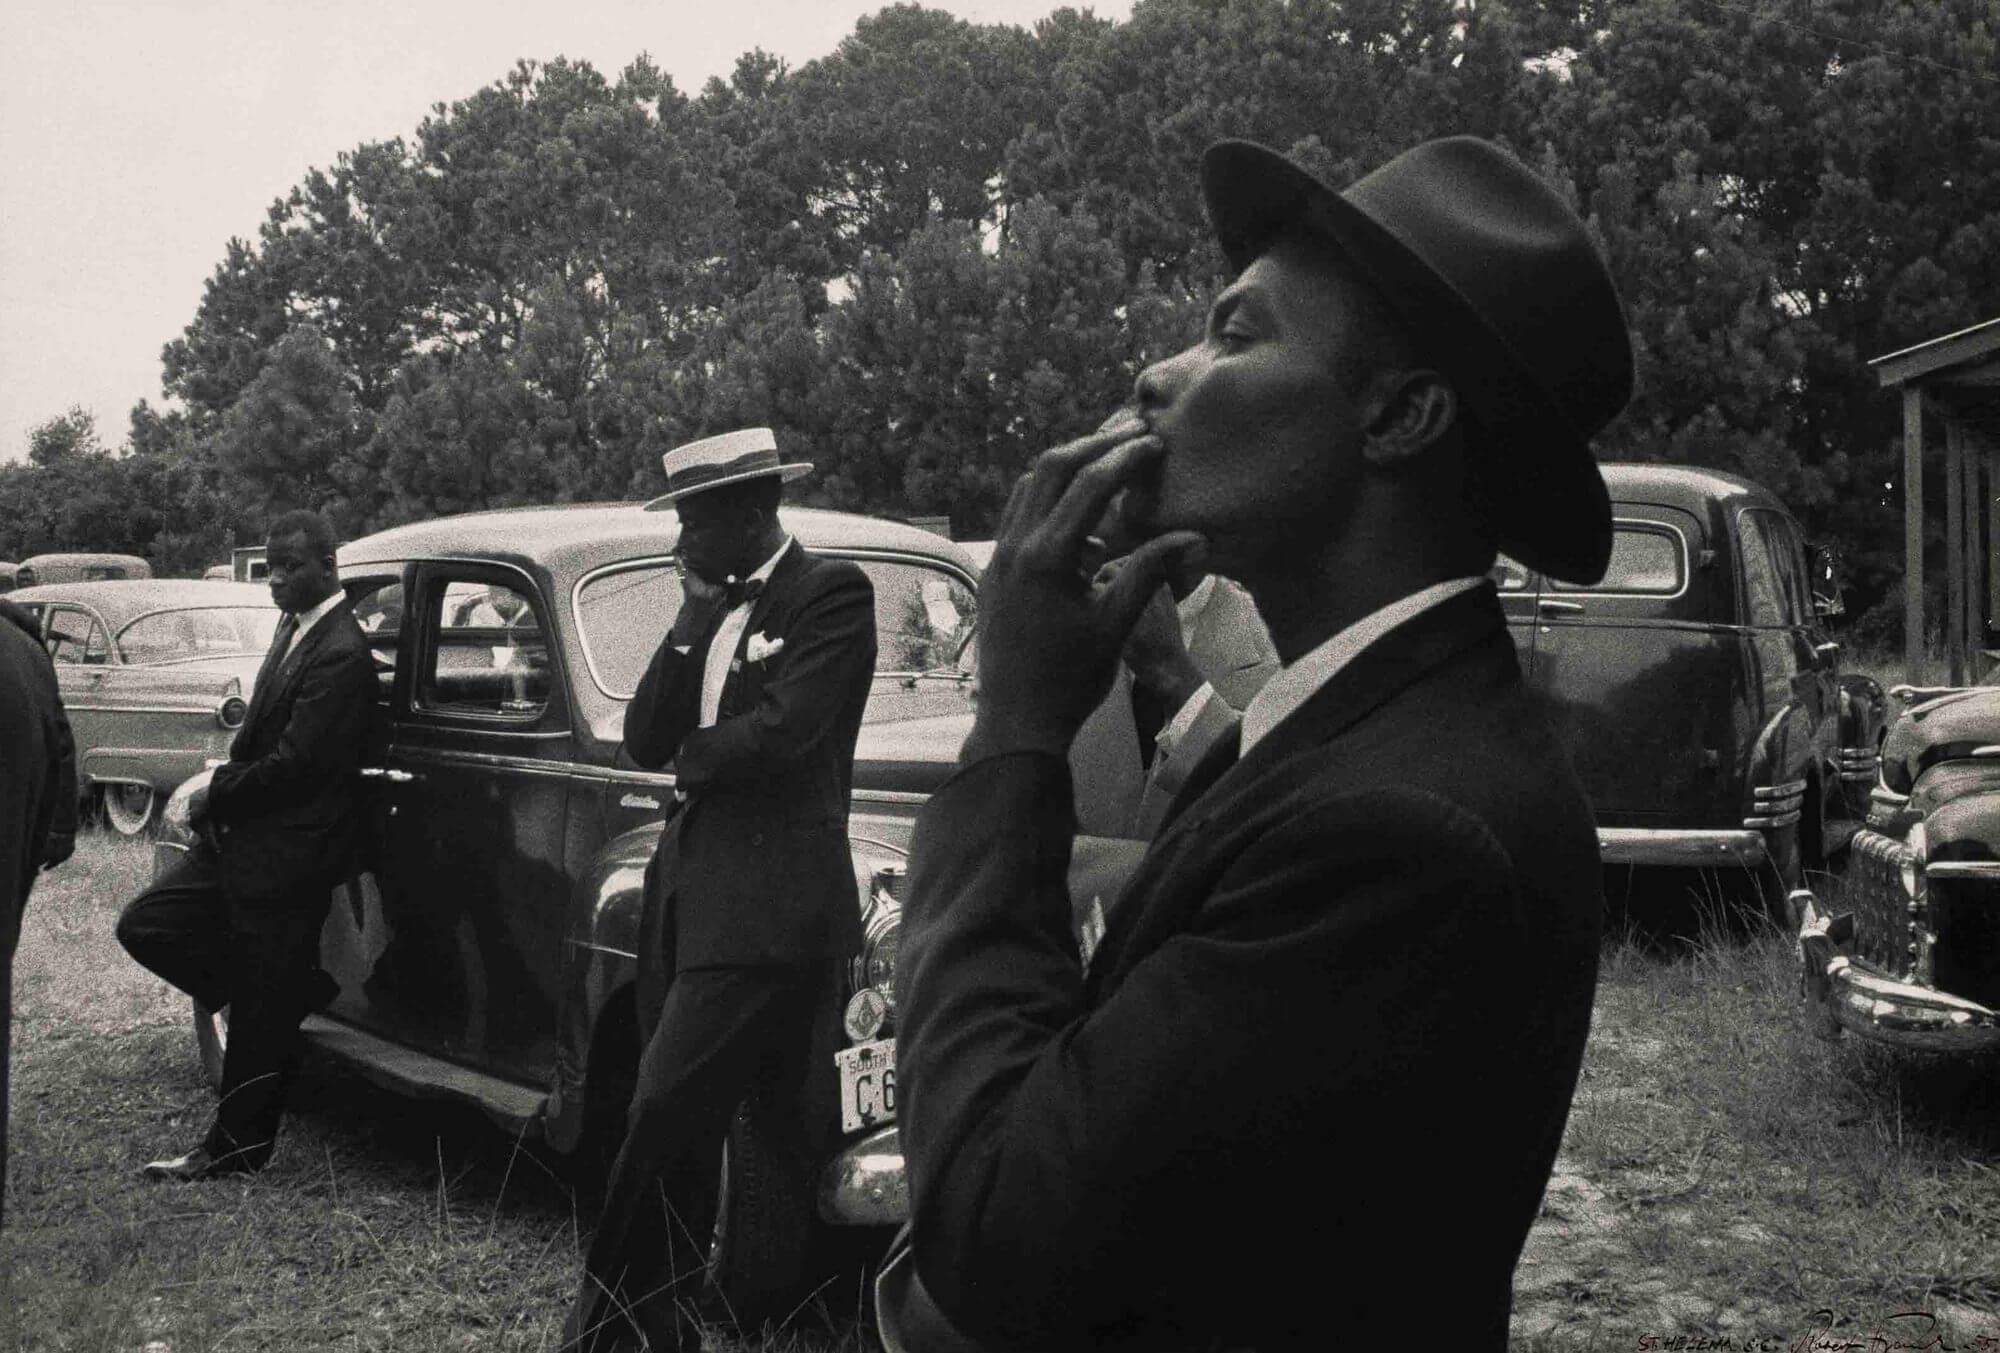 fotografía del libro The Americans de Robert Frank